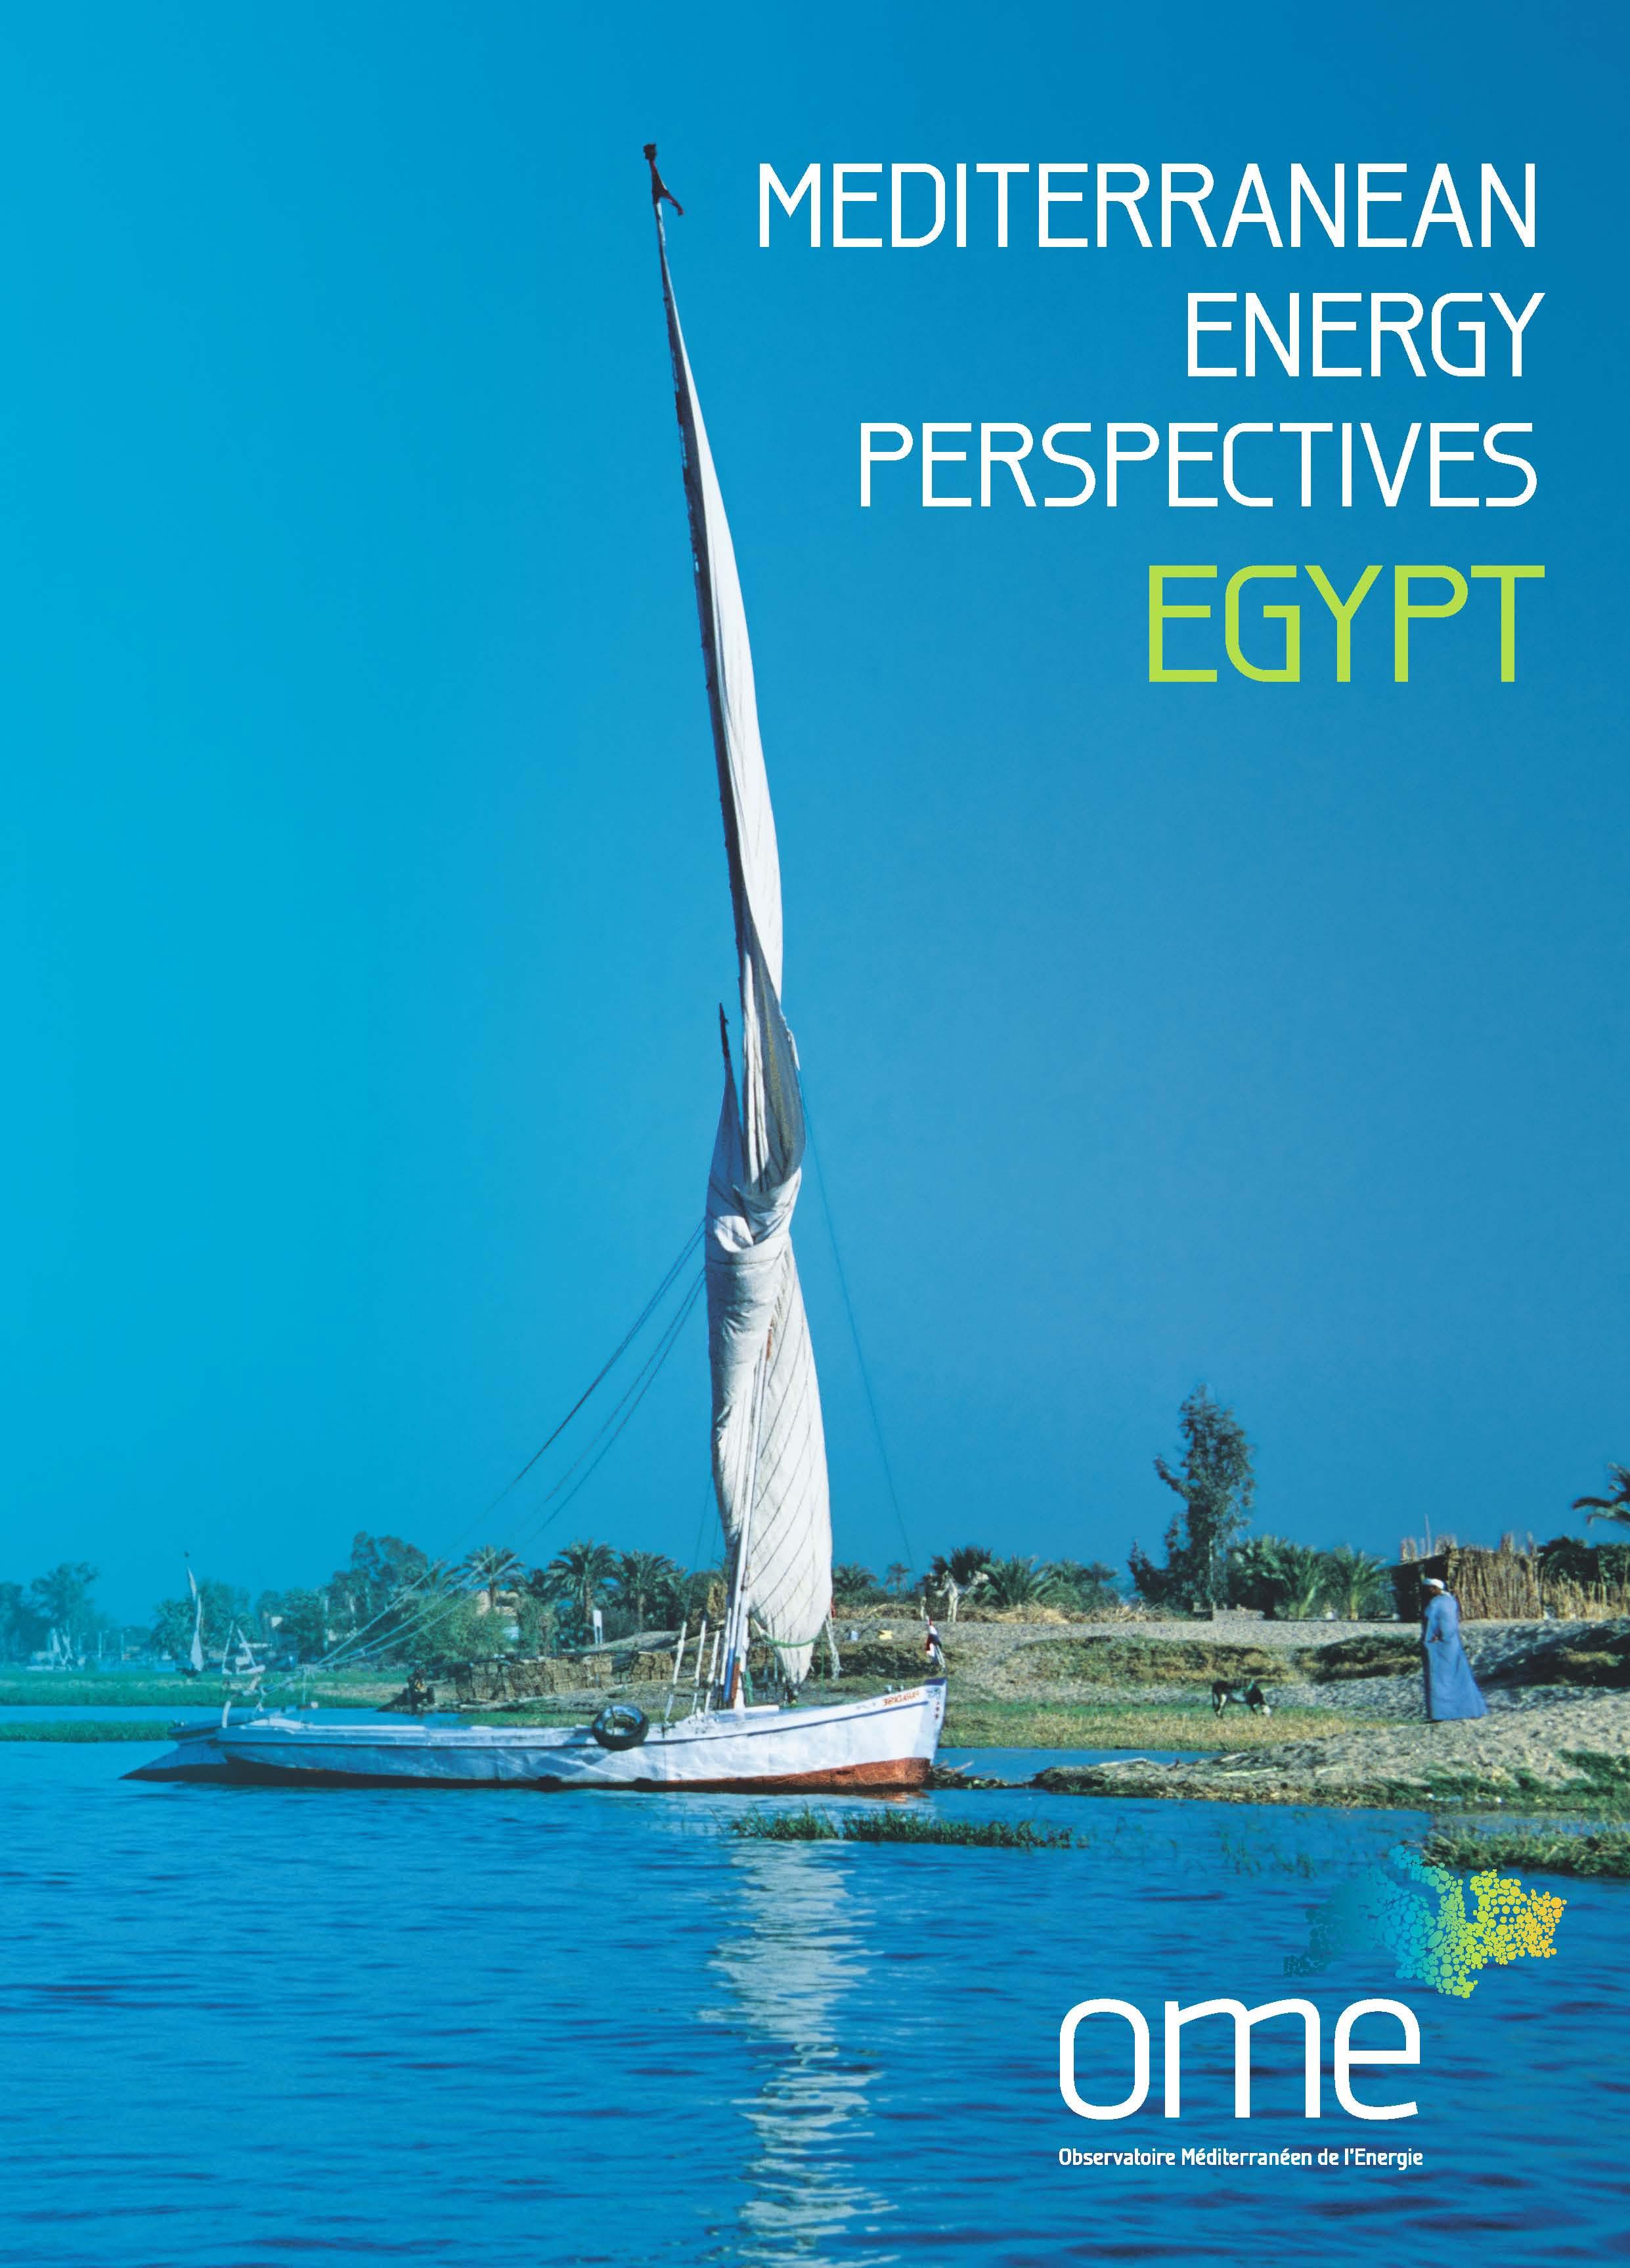 MEP Egypt